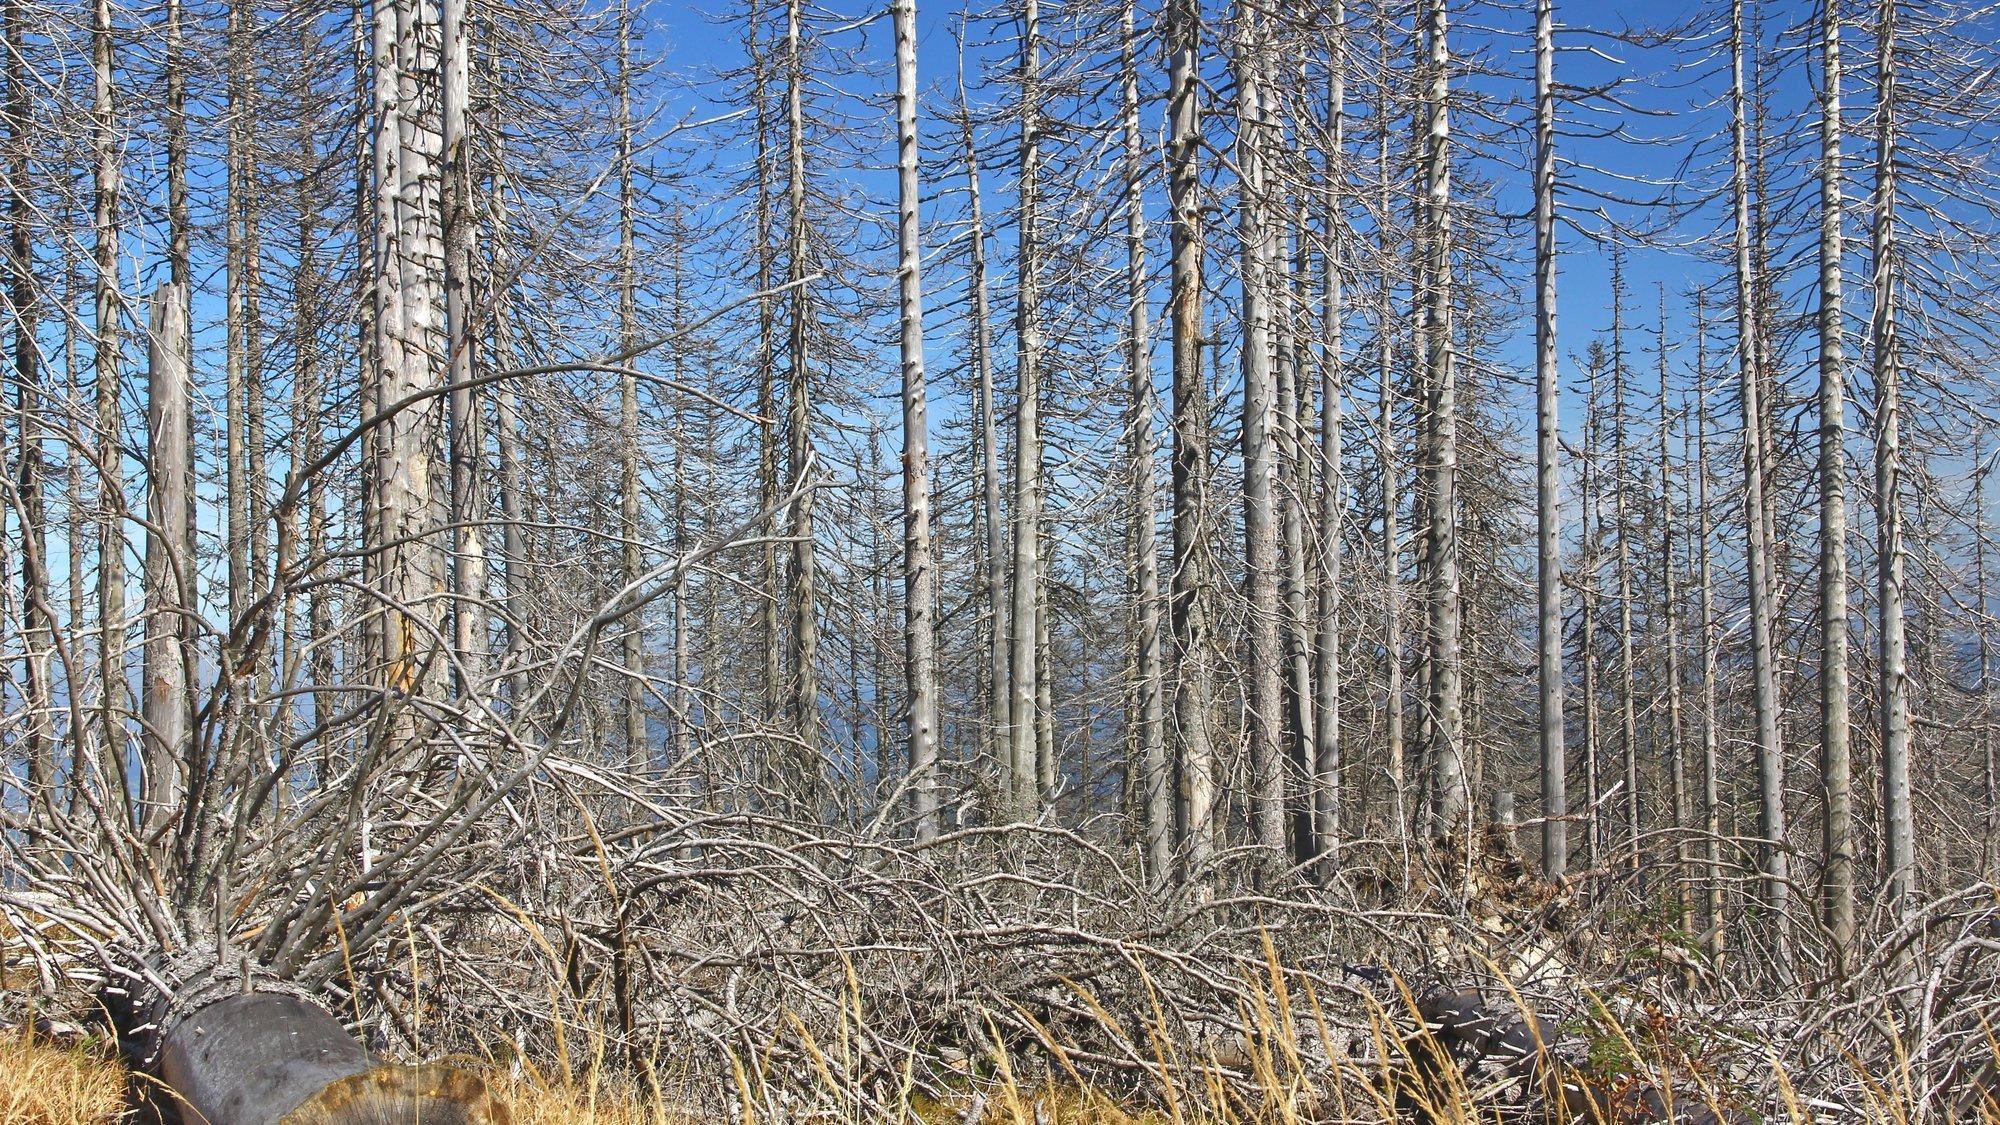 Ein Waldstück mit trockenen, abgestorbenen Bäumen. Sie haben keine Nadeln mehr und die Stämme sind sehr hell.